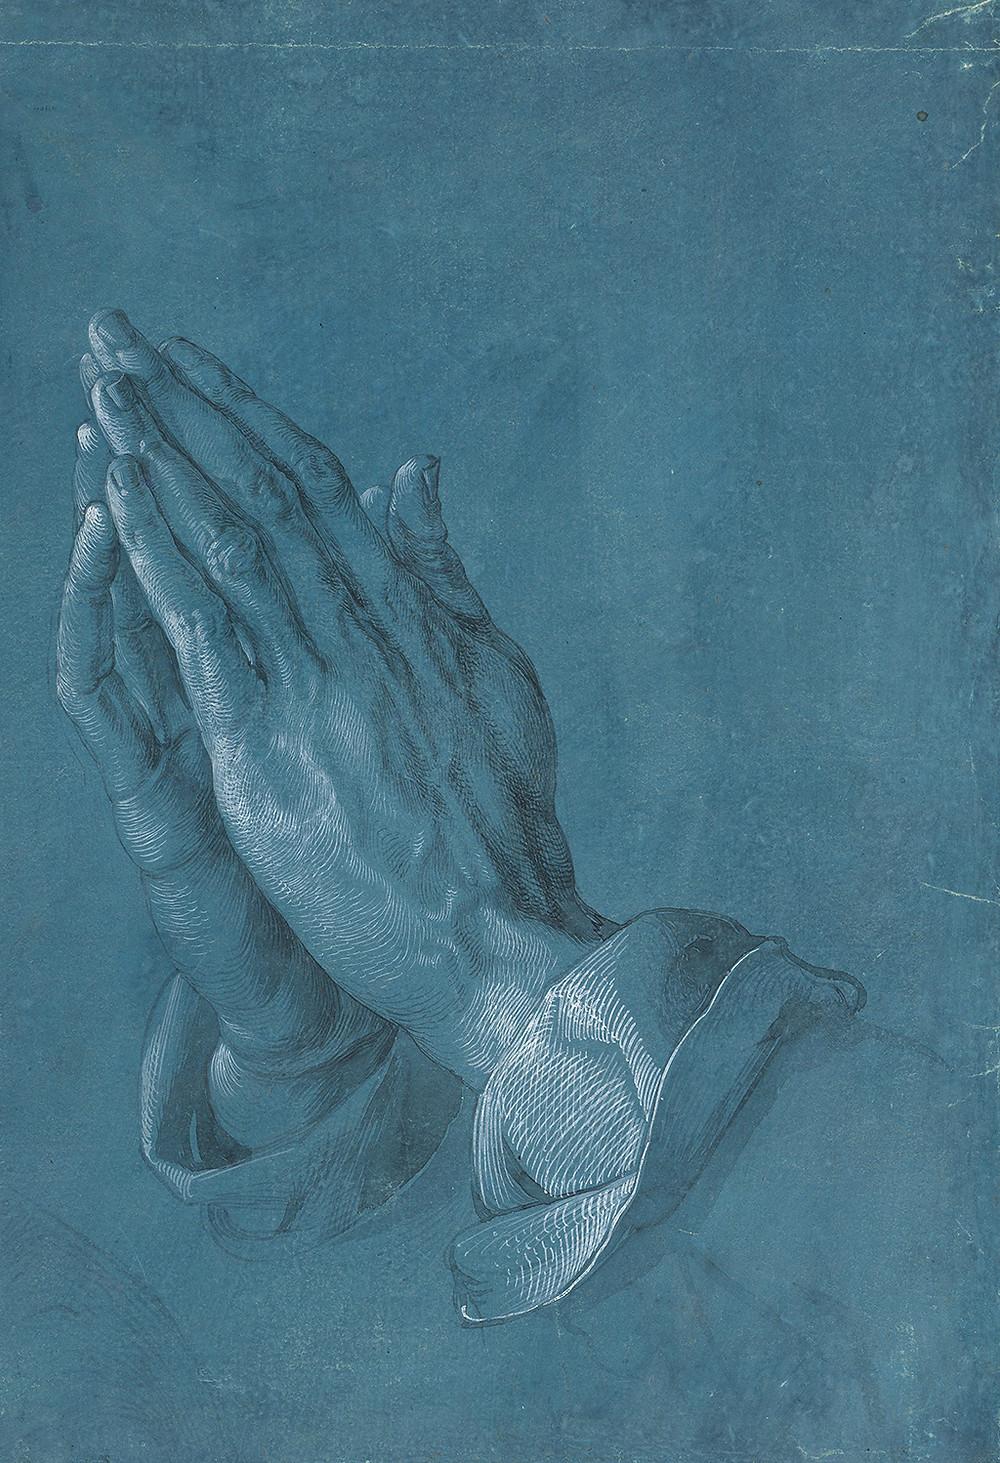 Praying Hands, Albrecht Dürer, 1508. Ink and pencil on paper, 29 x 19 cm. The Albertina Museum, Vienna